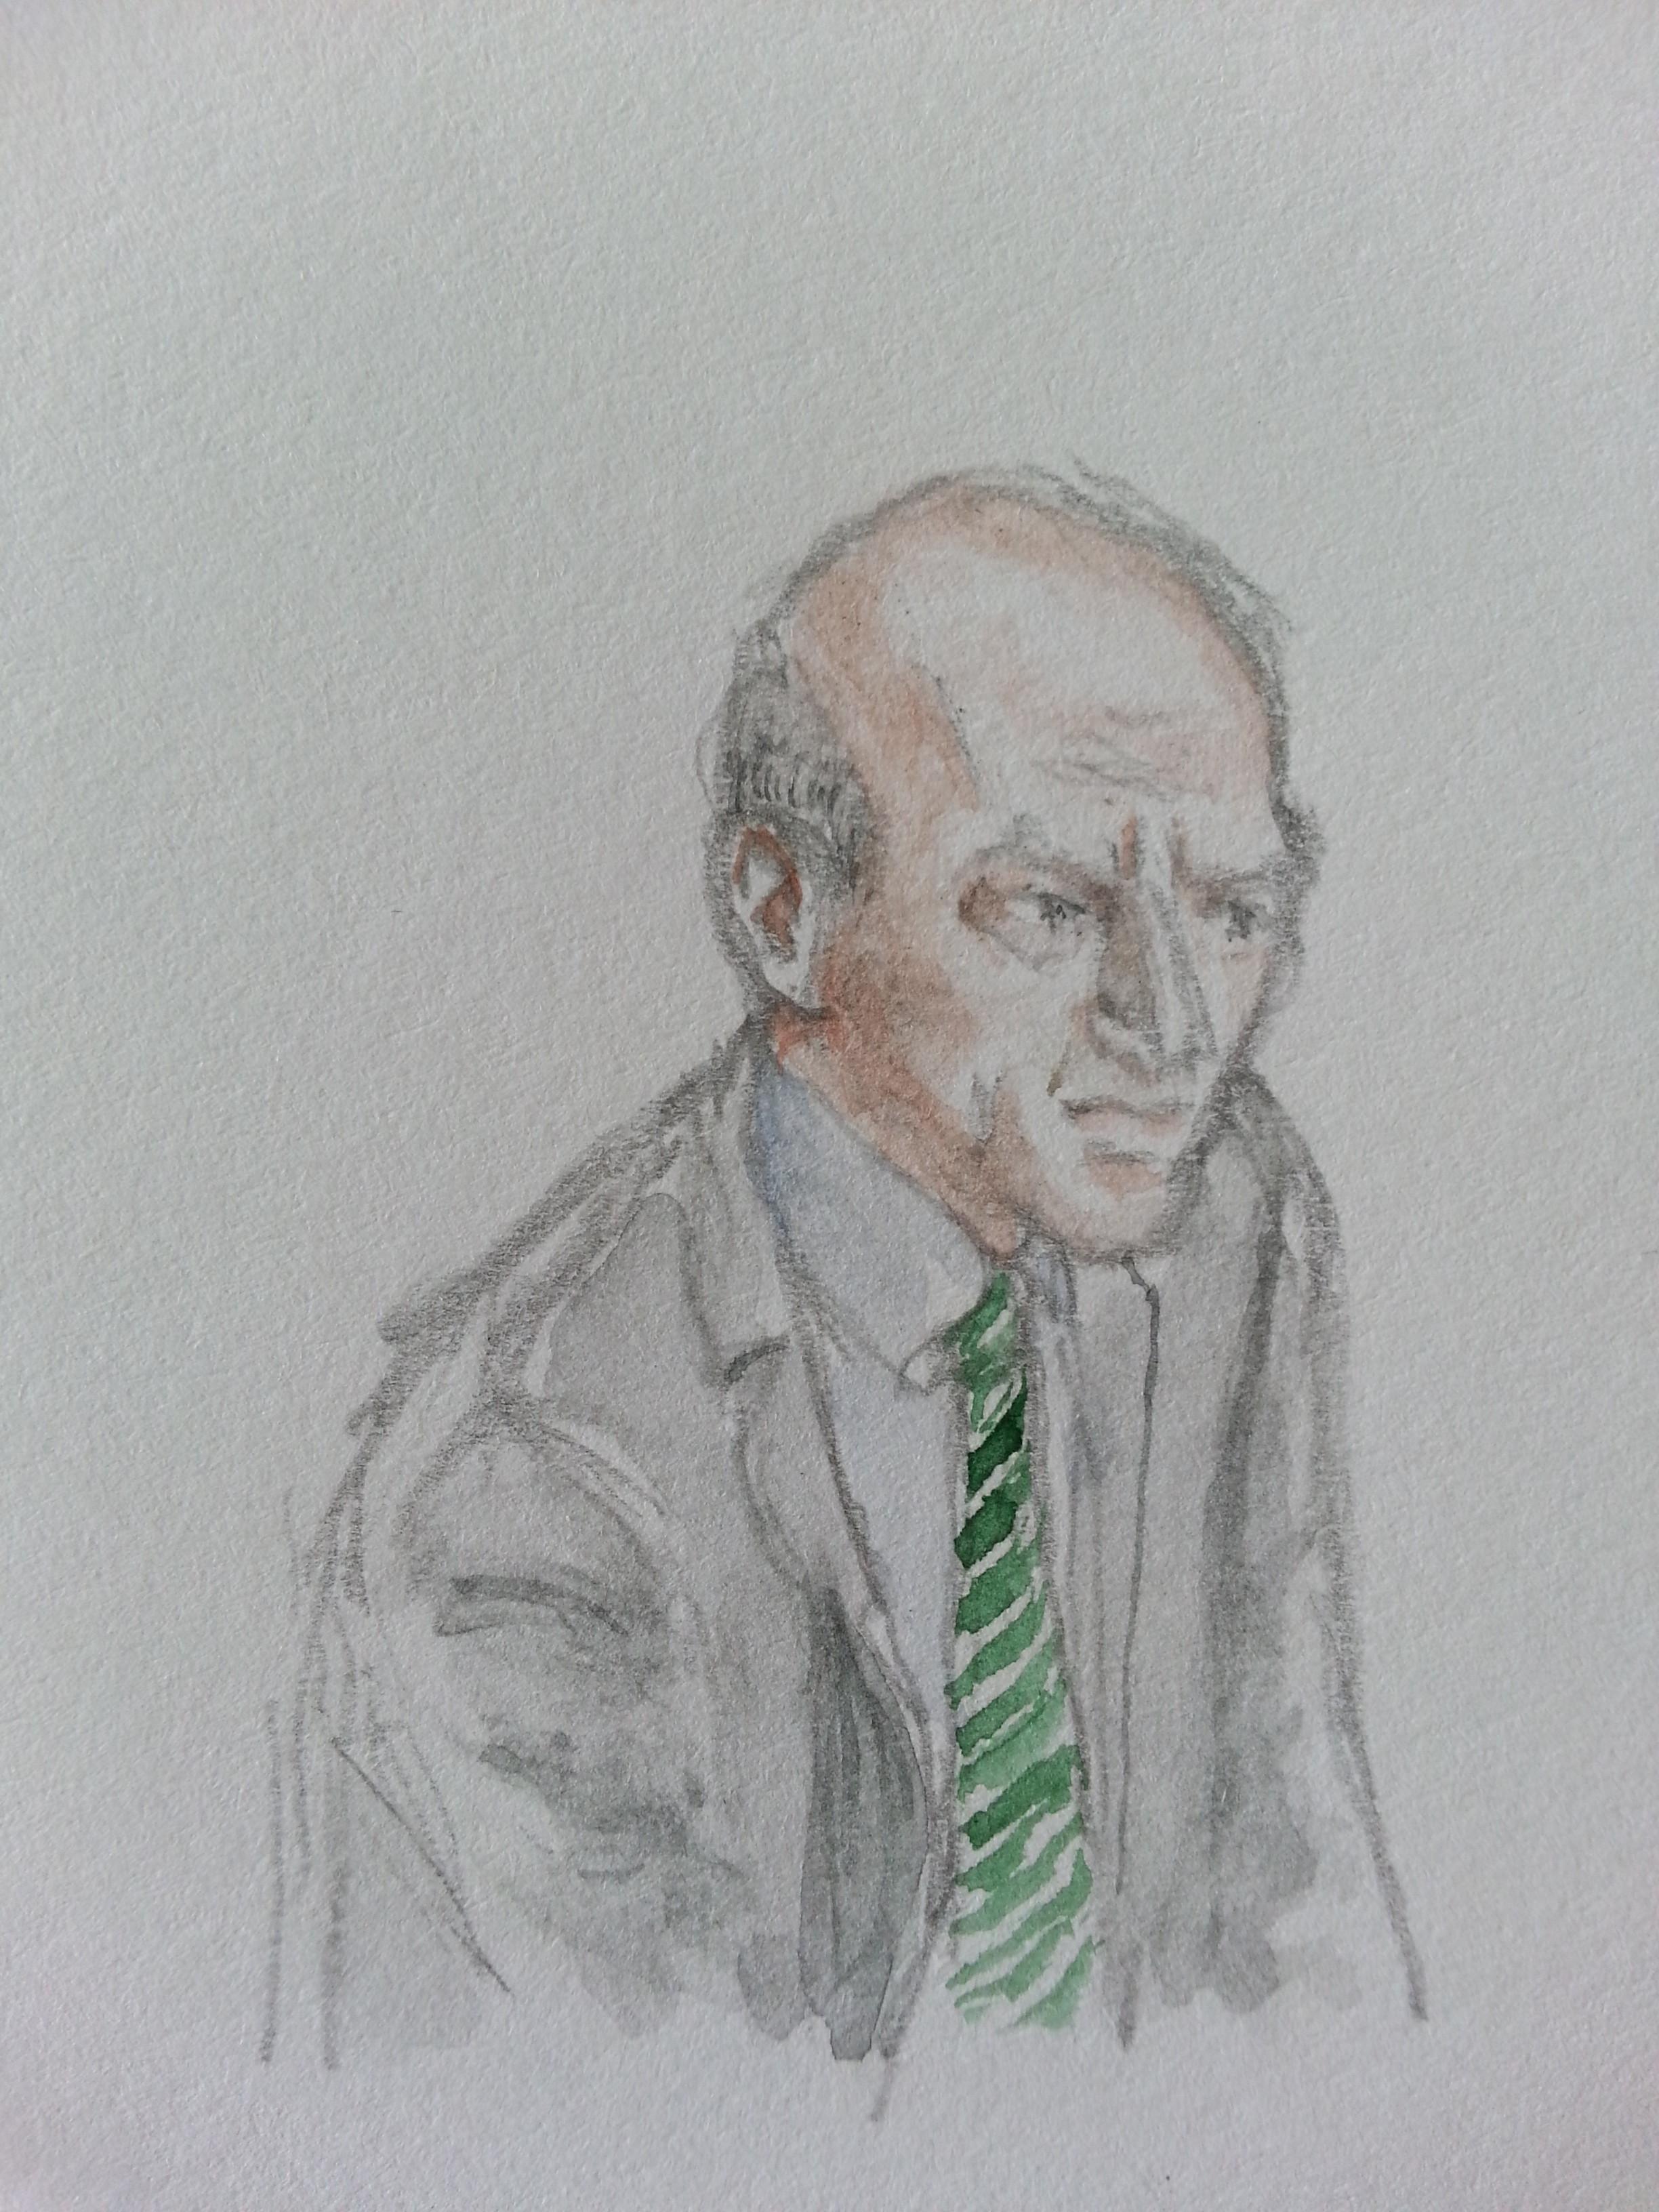 BND-Präsident Gerhard Schindler bei seiner Anhörung. Zeichnung: Stelle Schiffczyk.